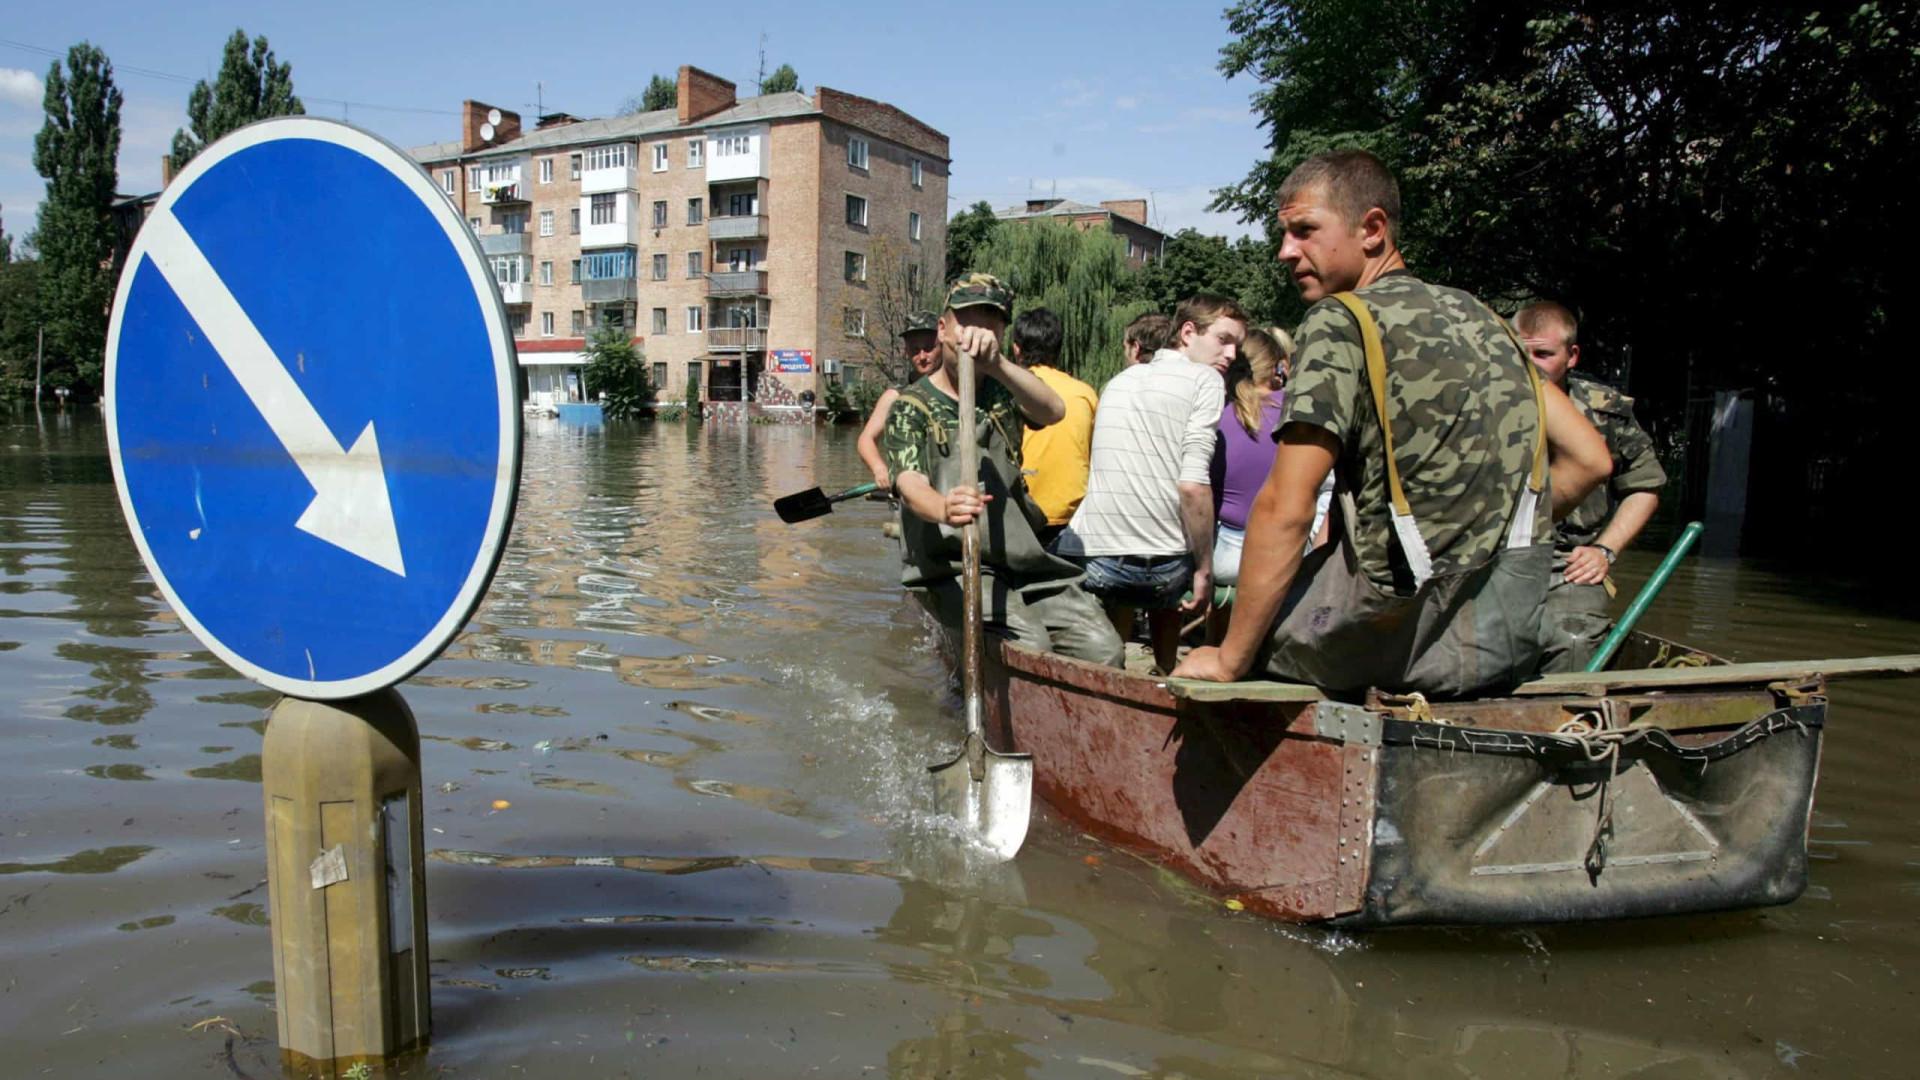 800 ficam desalojadas e três morrem após inundações na Ucrânia